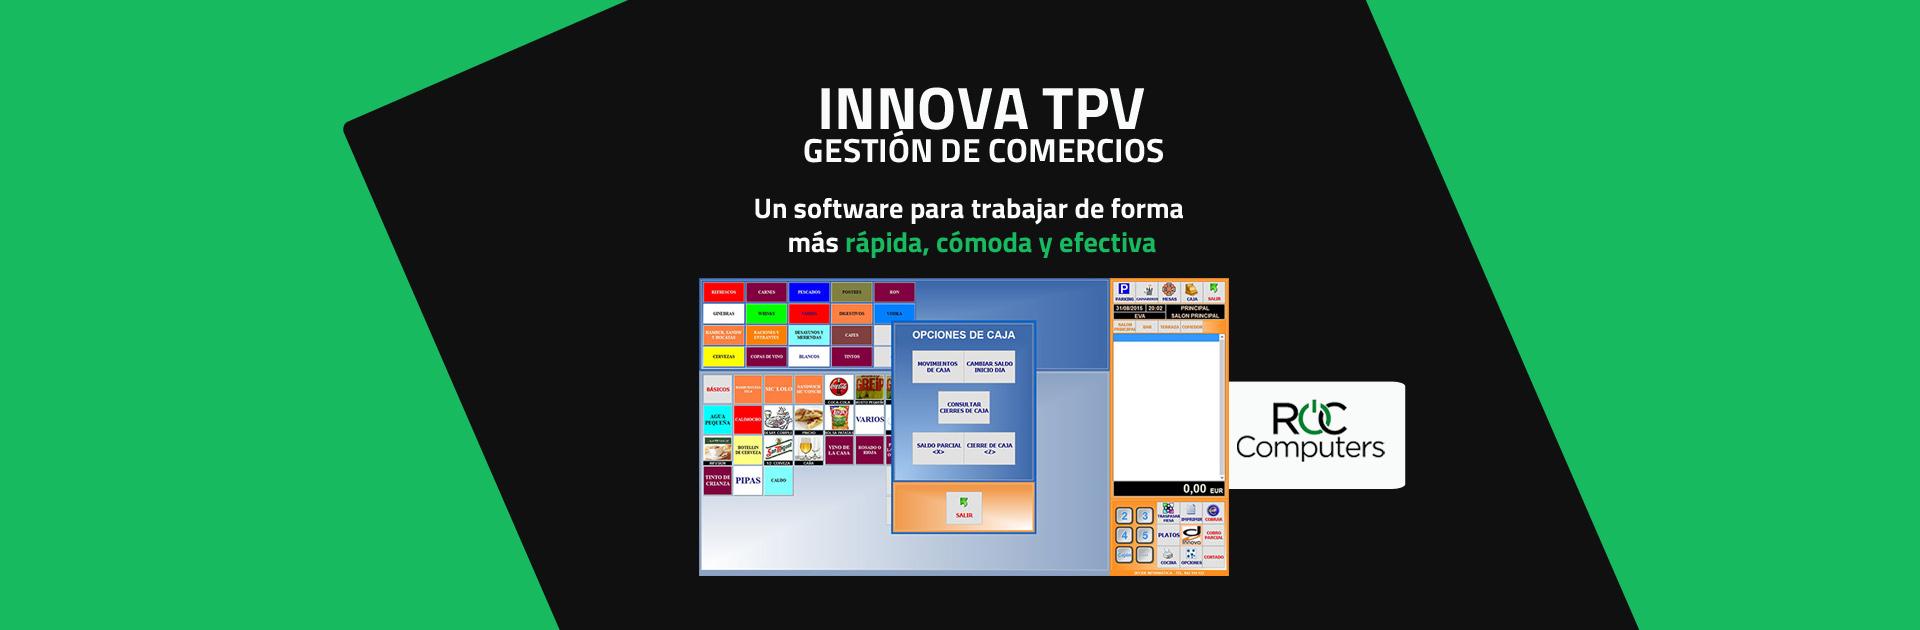 innovatpv